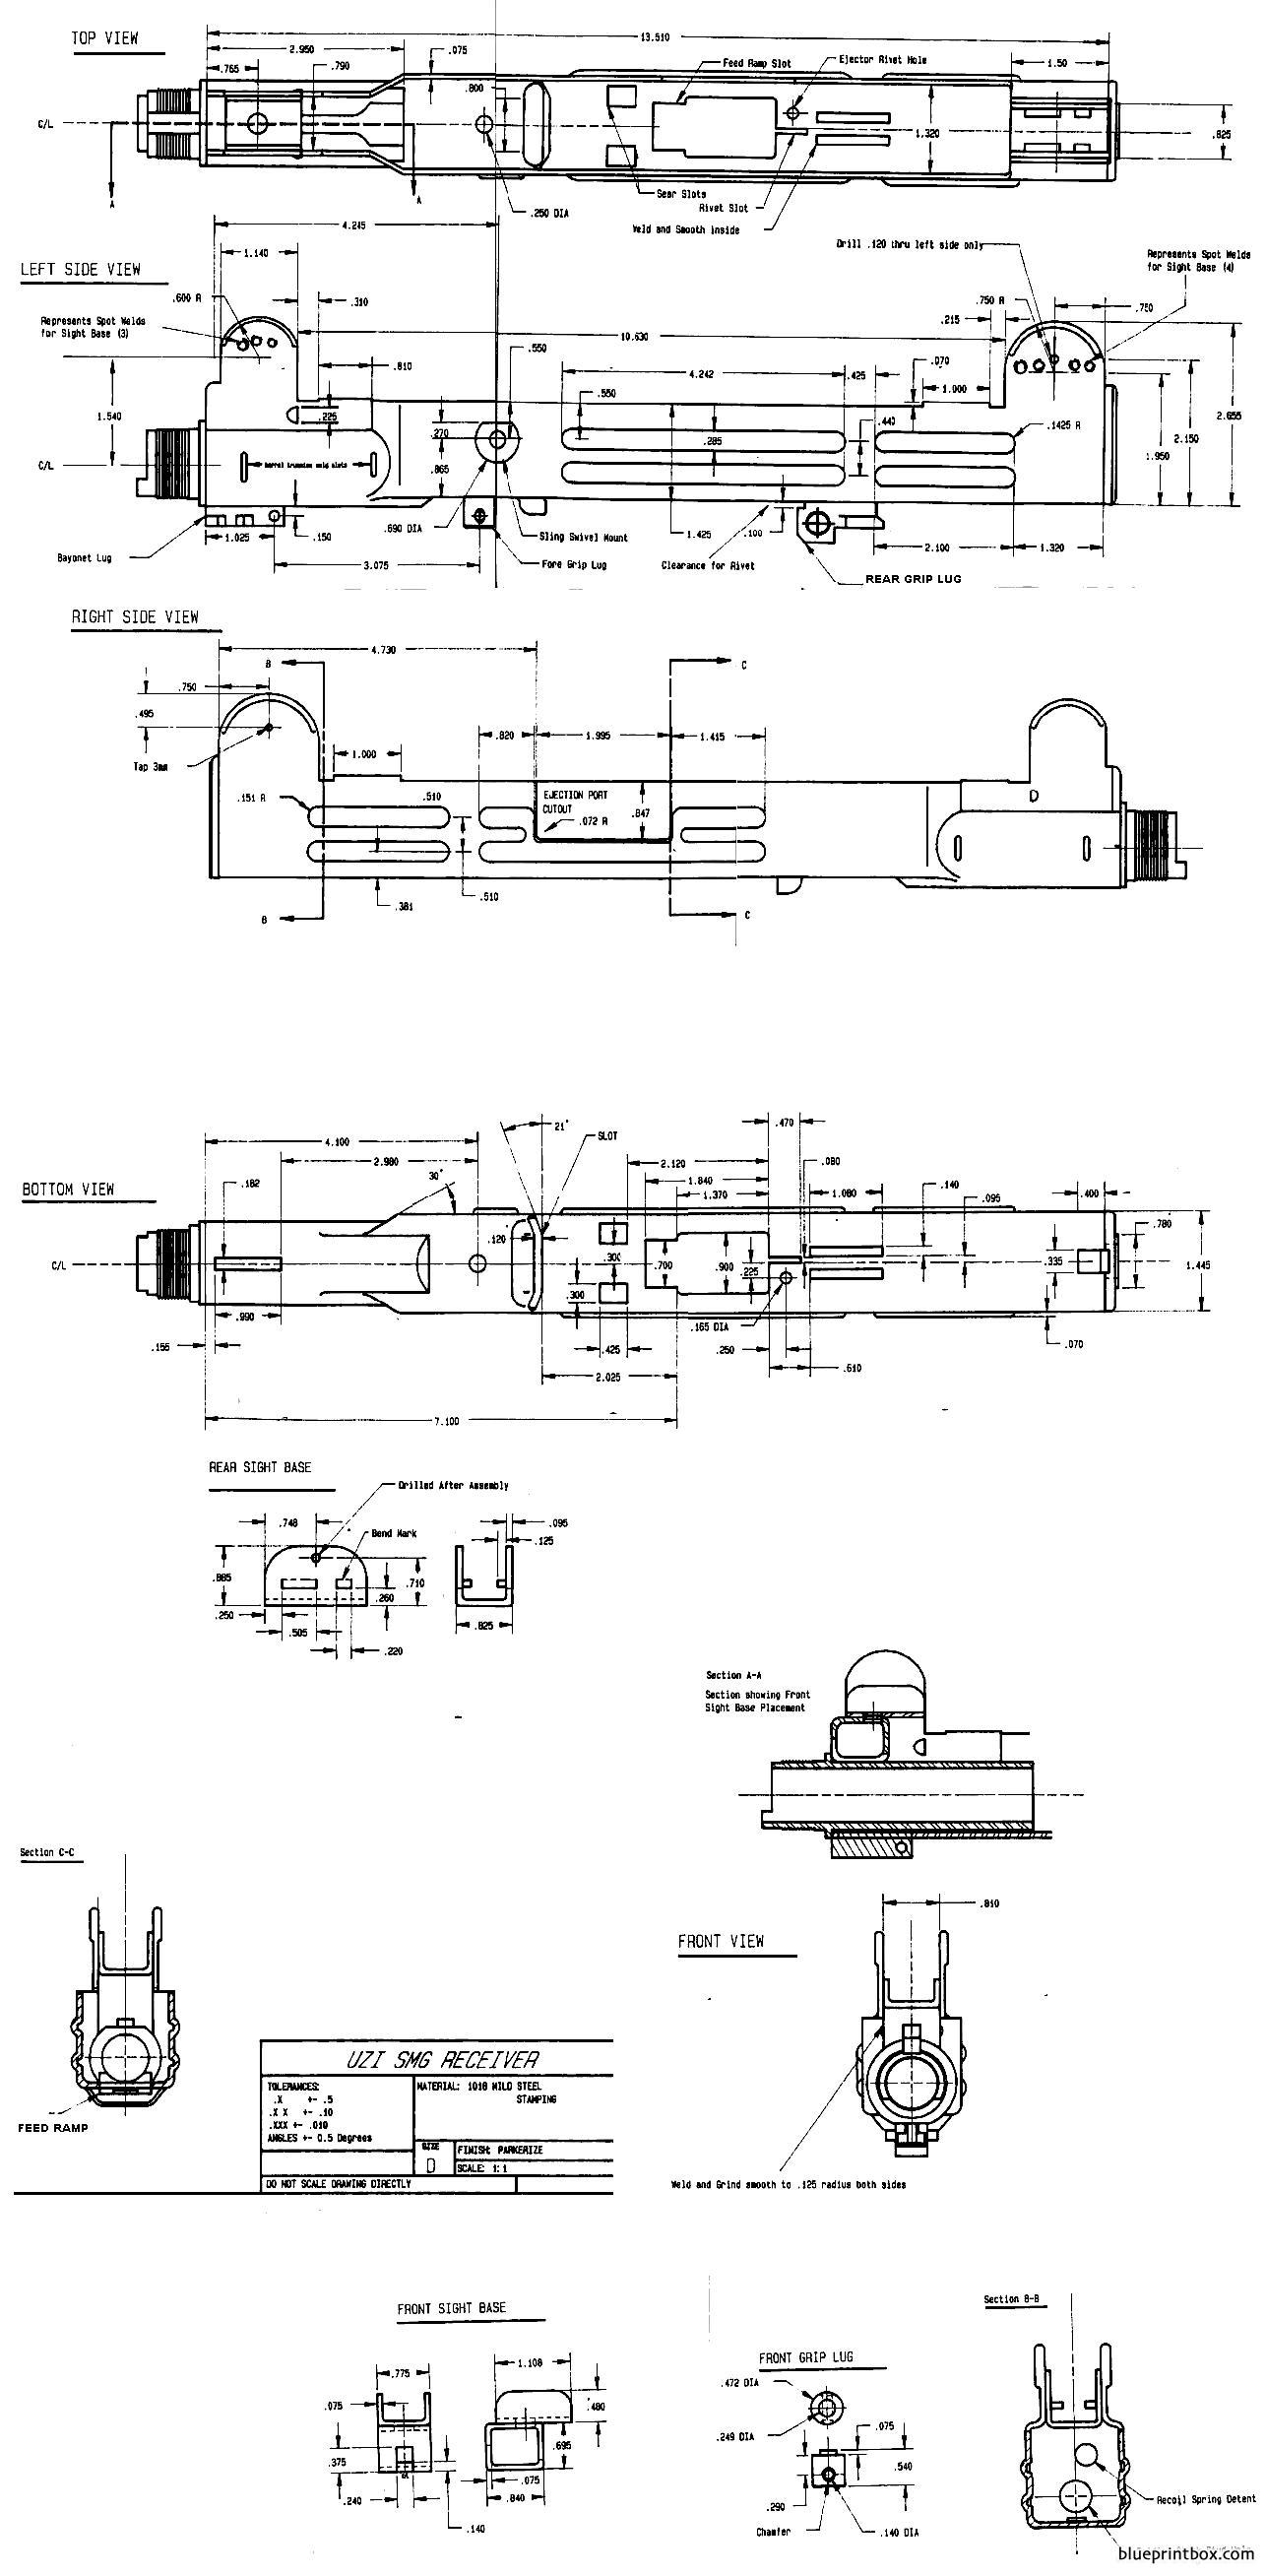 uzi receiver construction plan - BlueprintBox.com - Free Plans and on akm schematic, tavor schematic, fn minimi schematic, desert eagle schematic, pistol schematic, m1911 schematic, taser schematic, jericho 941 schematic, chainsaw schematic, amd 65 schematic, ar-15 schematic, glock schematic, revolver schematic, m14 schematic, makarov schematic, m4 schematic, marlin model 60 schematic, beretta 92 schematic, winchester schematic, fal schematic,